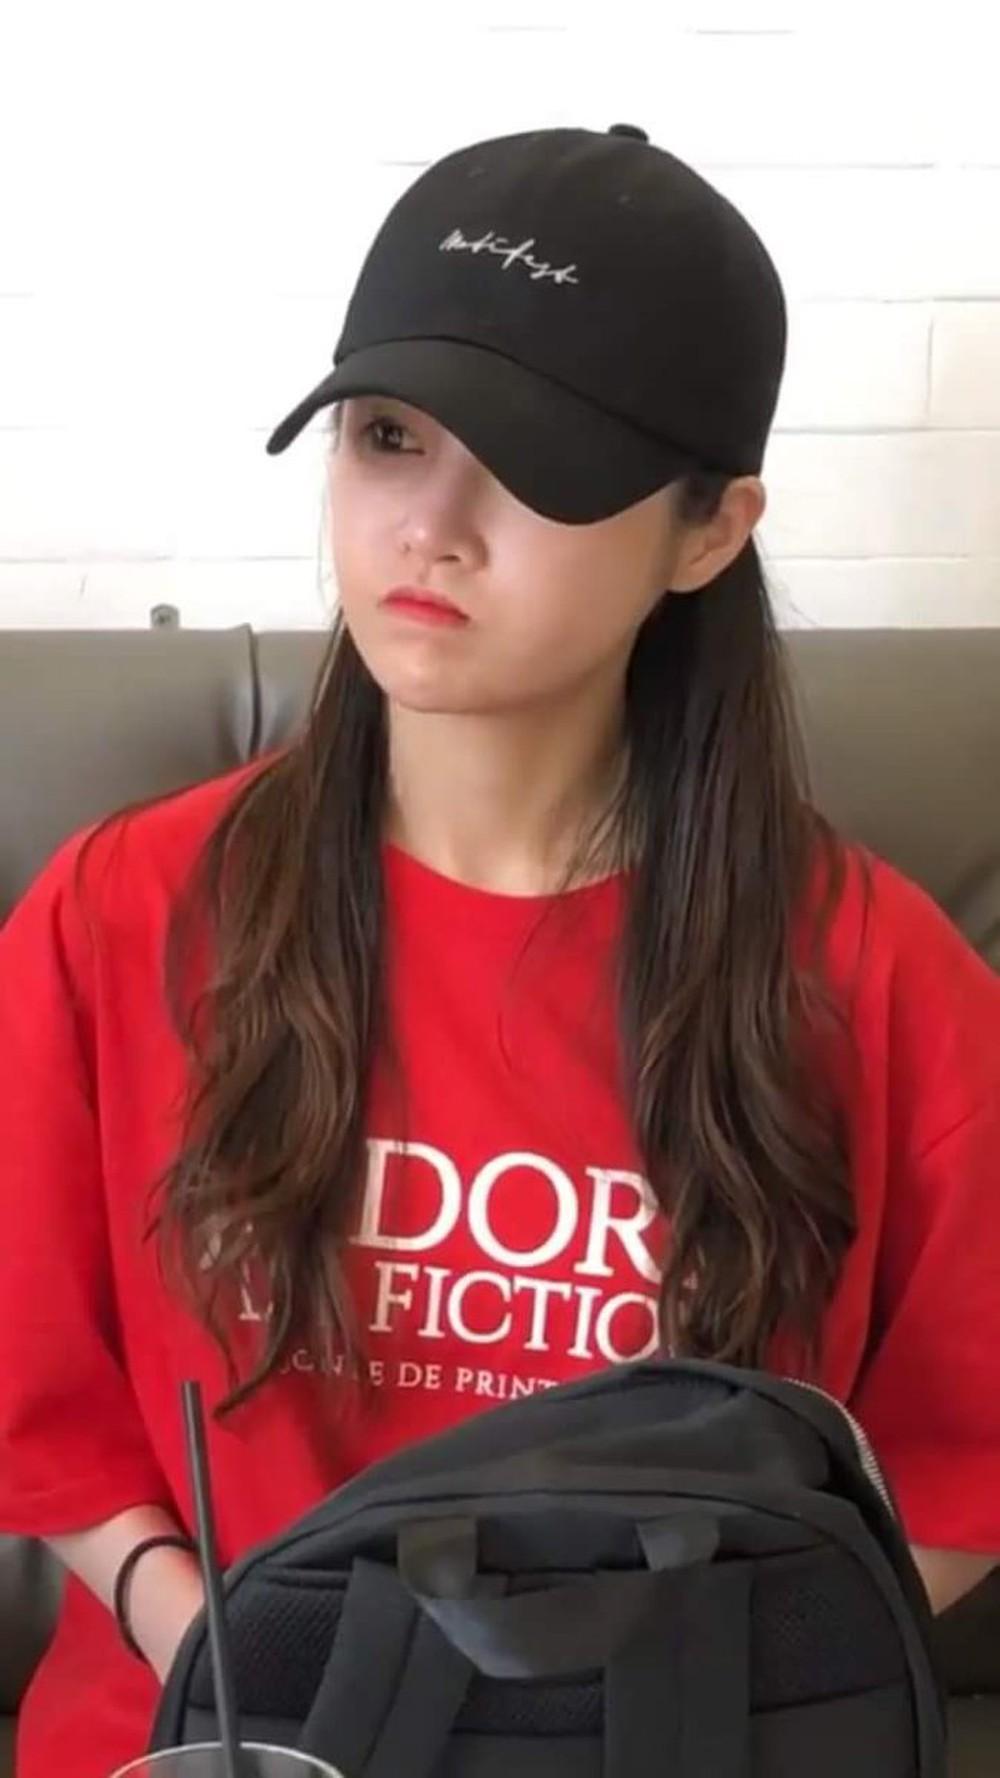 Năm 2018 Boram từng khiến người hâm mộ háo hức khi bắt gặp cô tại Đà Lạt trong chuyến du lịch của mình